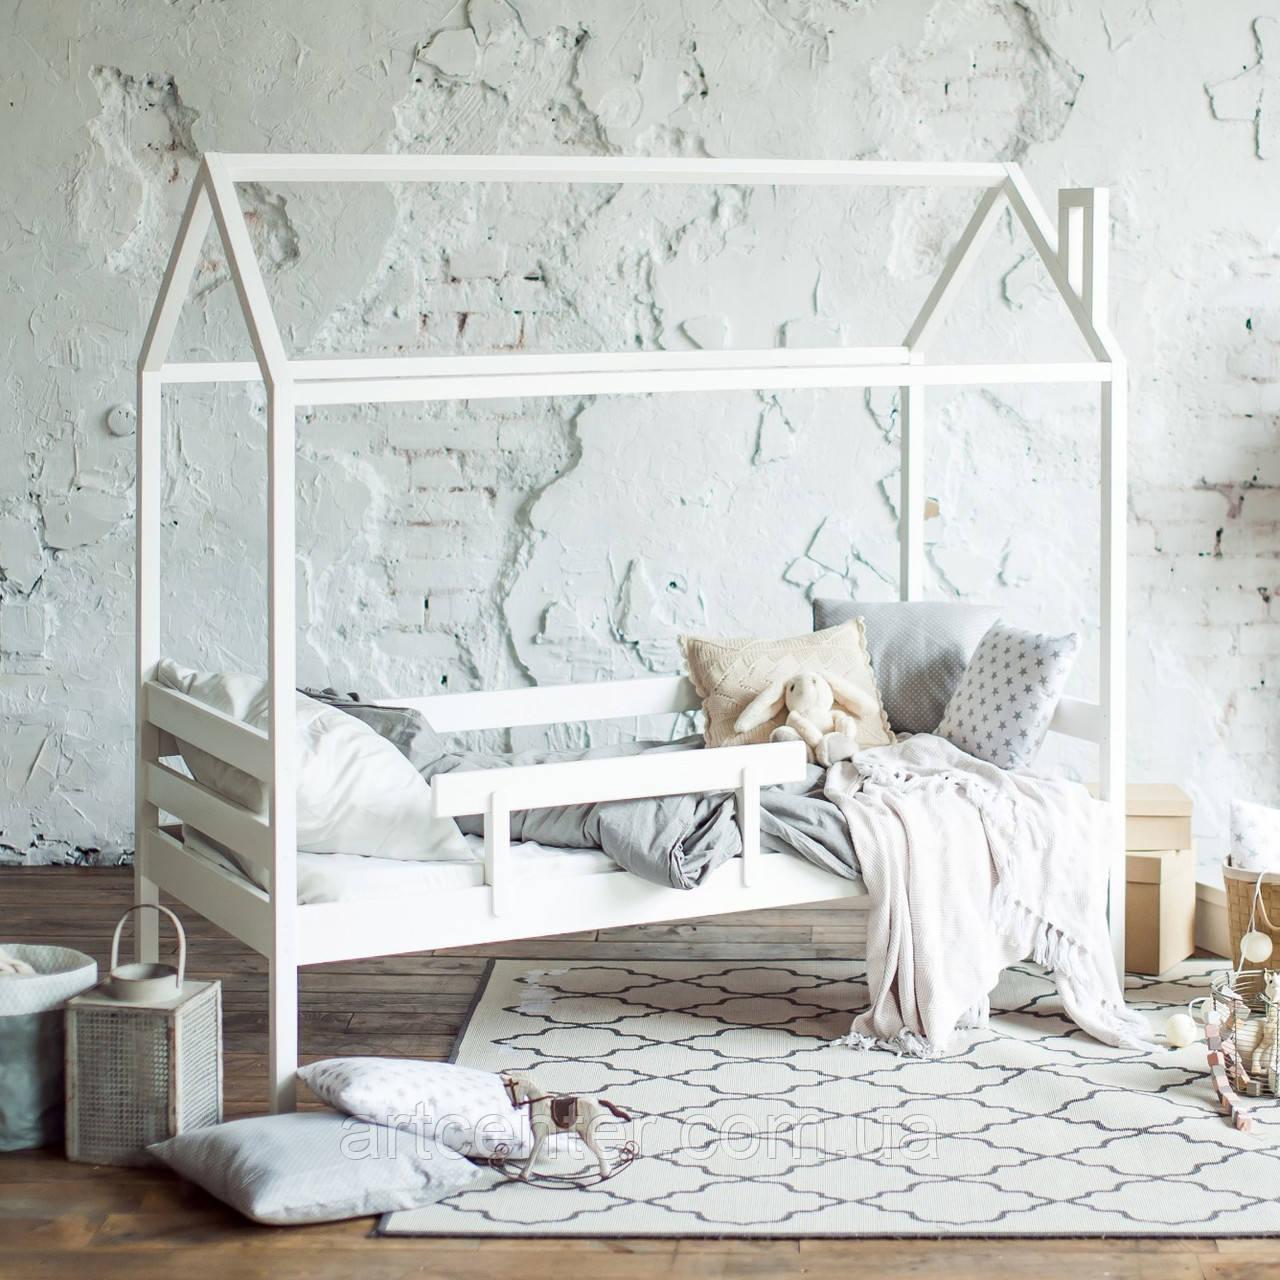 Кроватка-домик на ножках, с бортиками, белого цвета